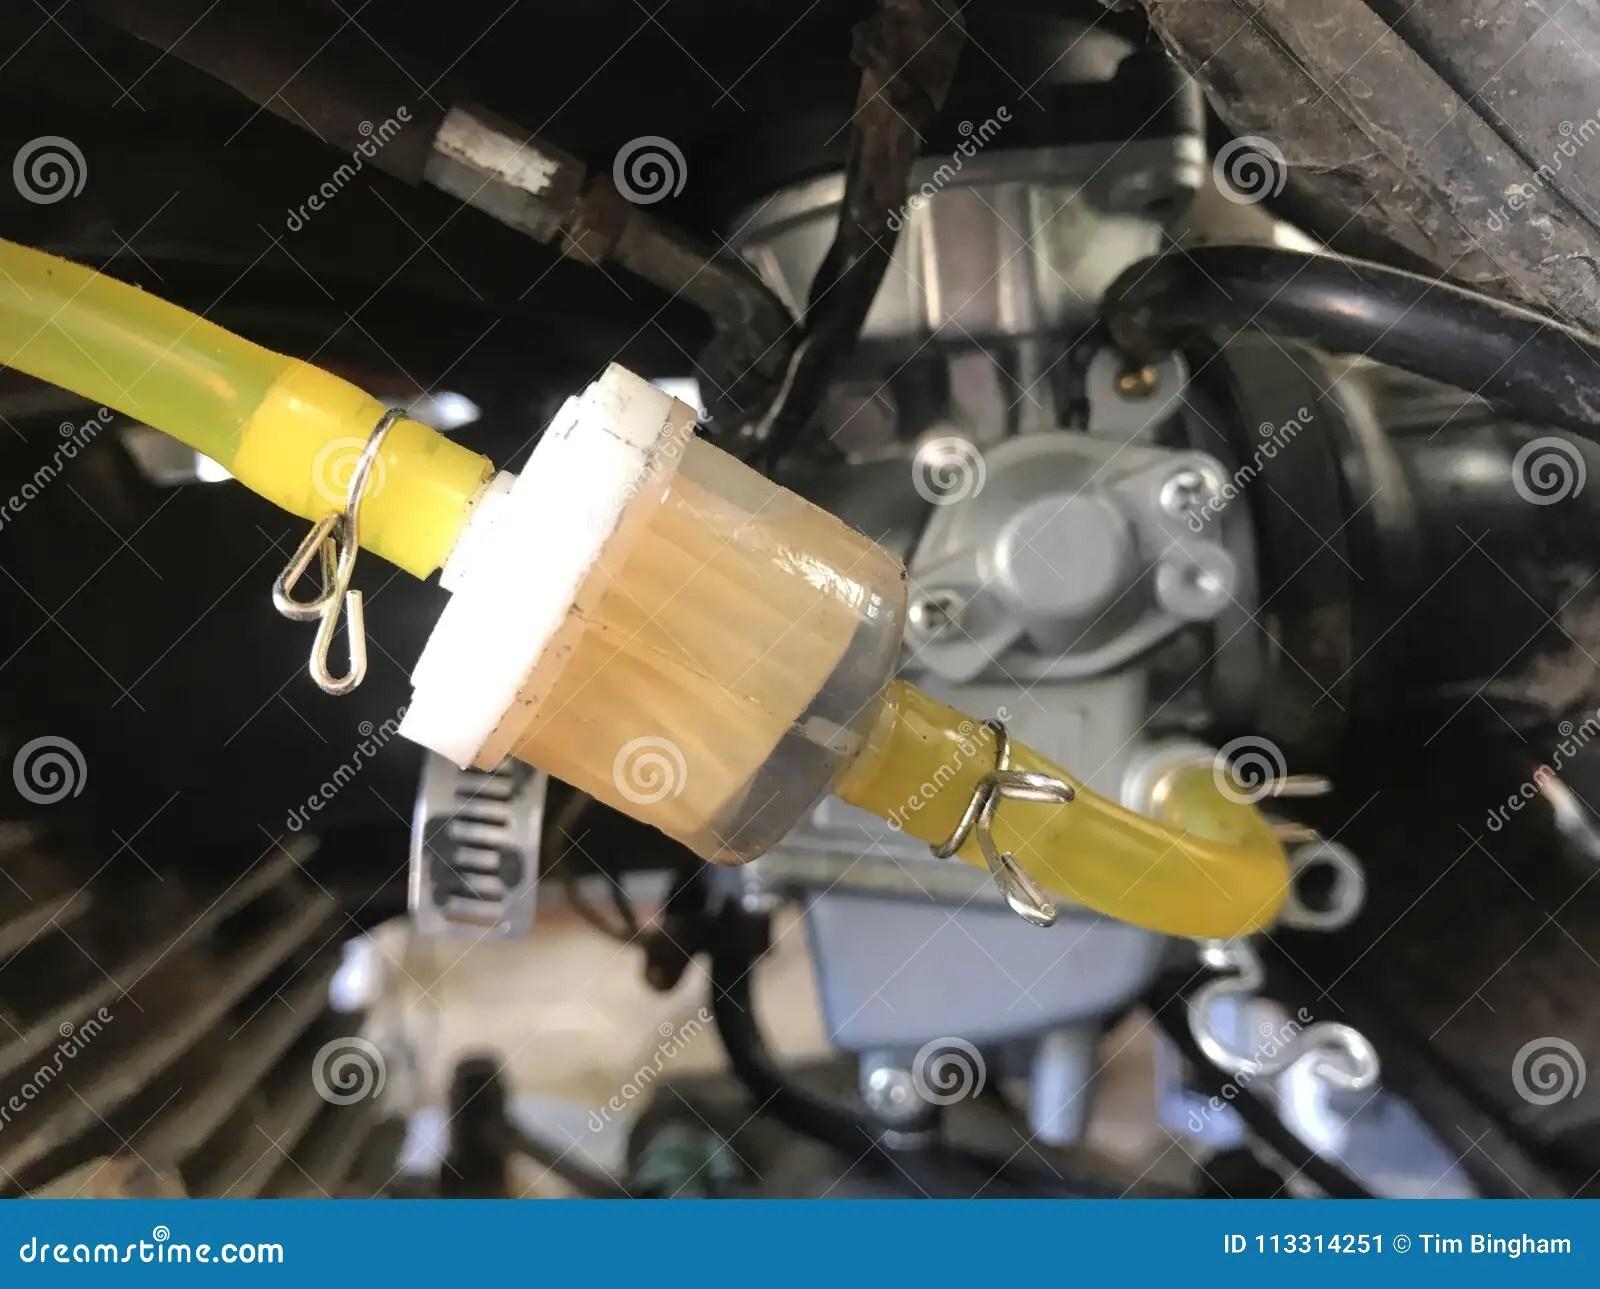 hight resolution of atv fuel filter